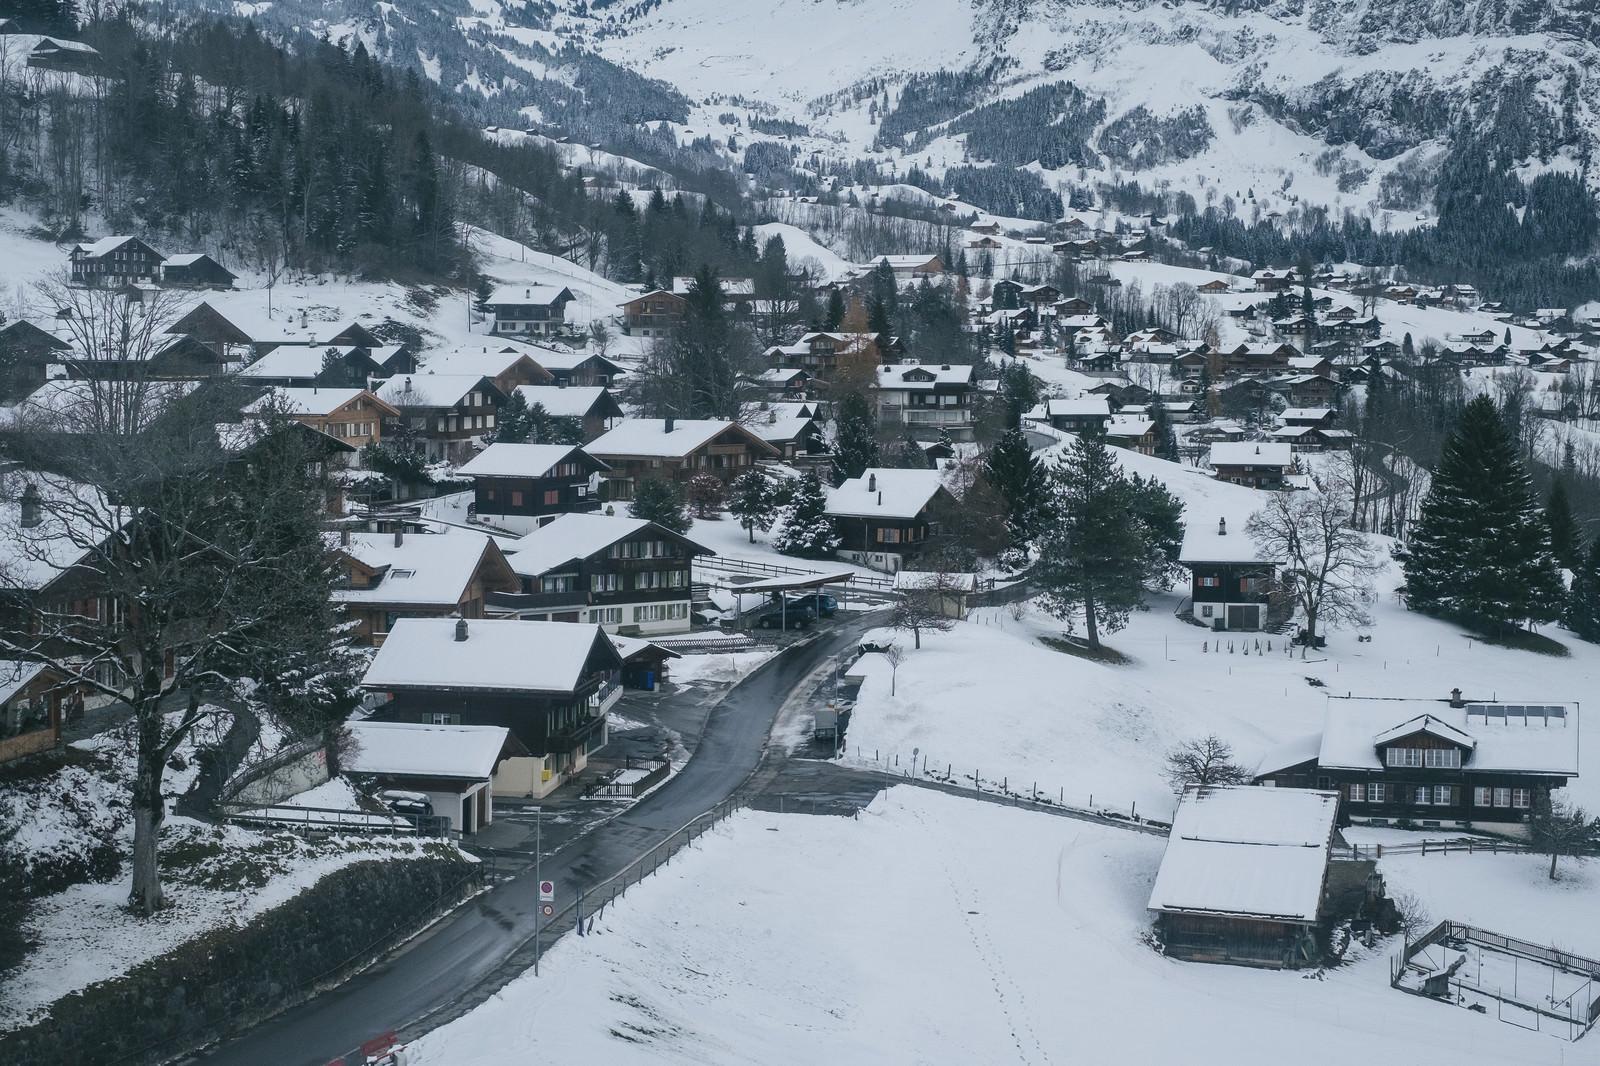 「山の麓の街並み(グリンデルワルト)山の麓の街並み(グリンデルワルト)」のフリー写真素材を拡大